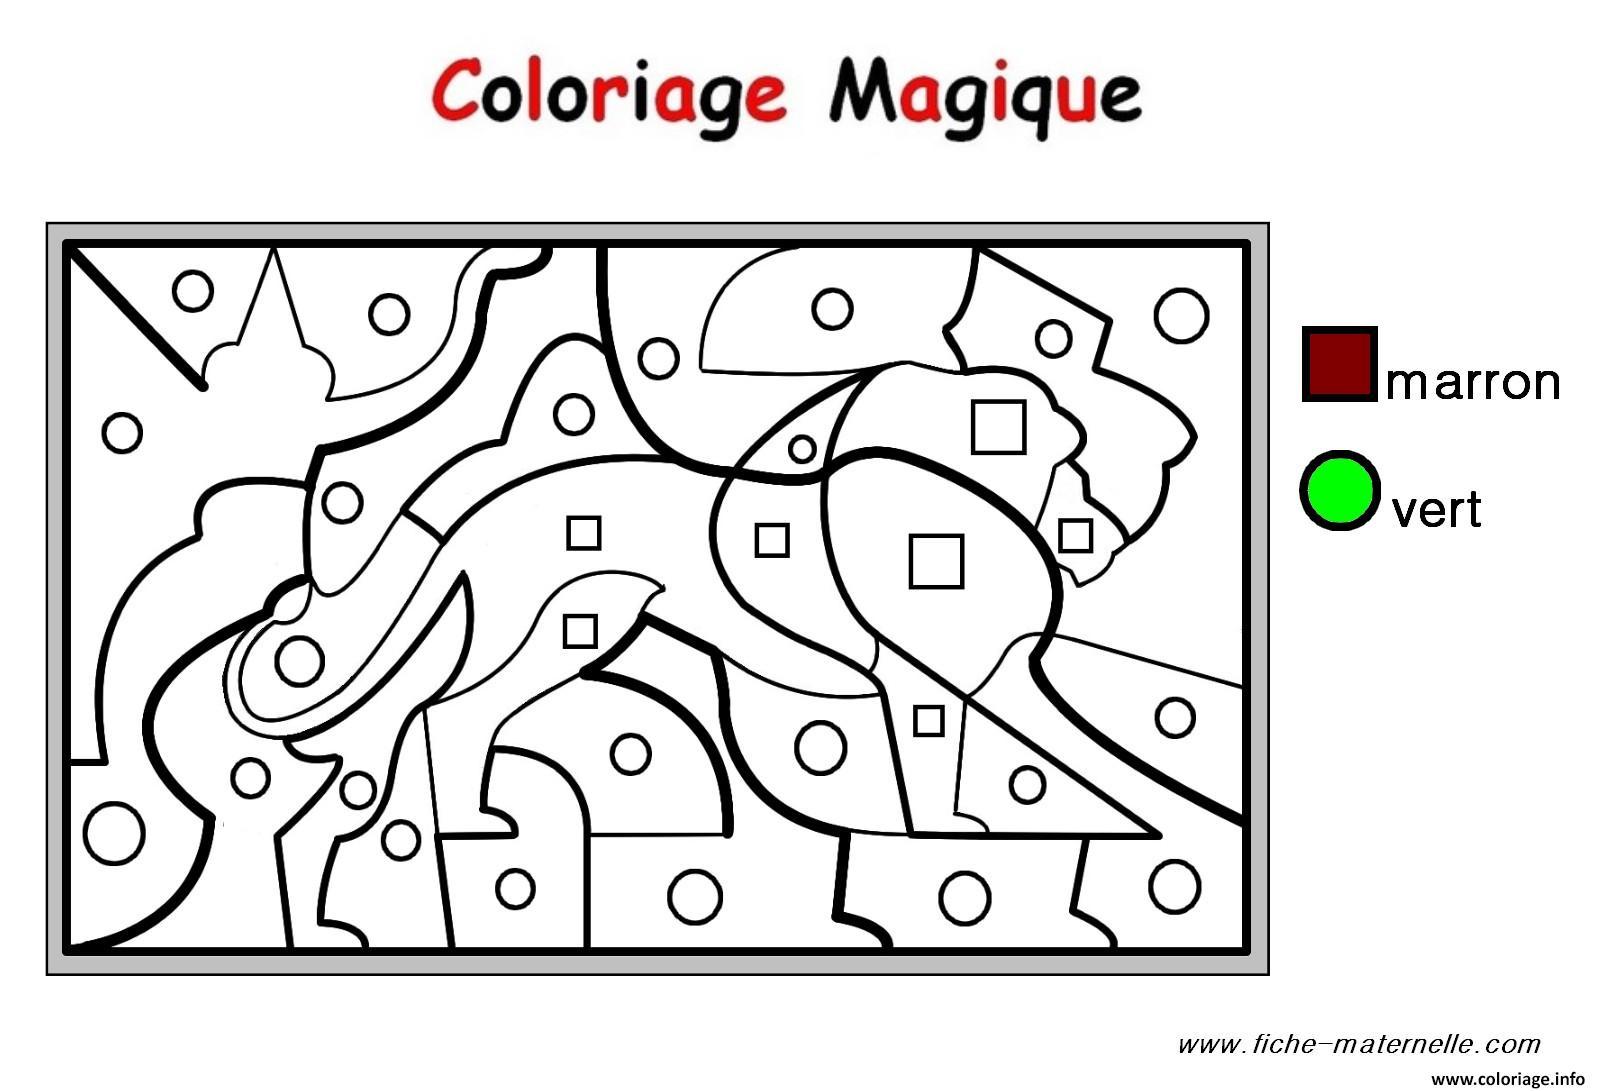 Coloriage Rentree Maternelle Magique Dessin tout Coloriage Classe Maternelle